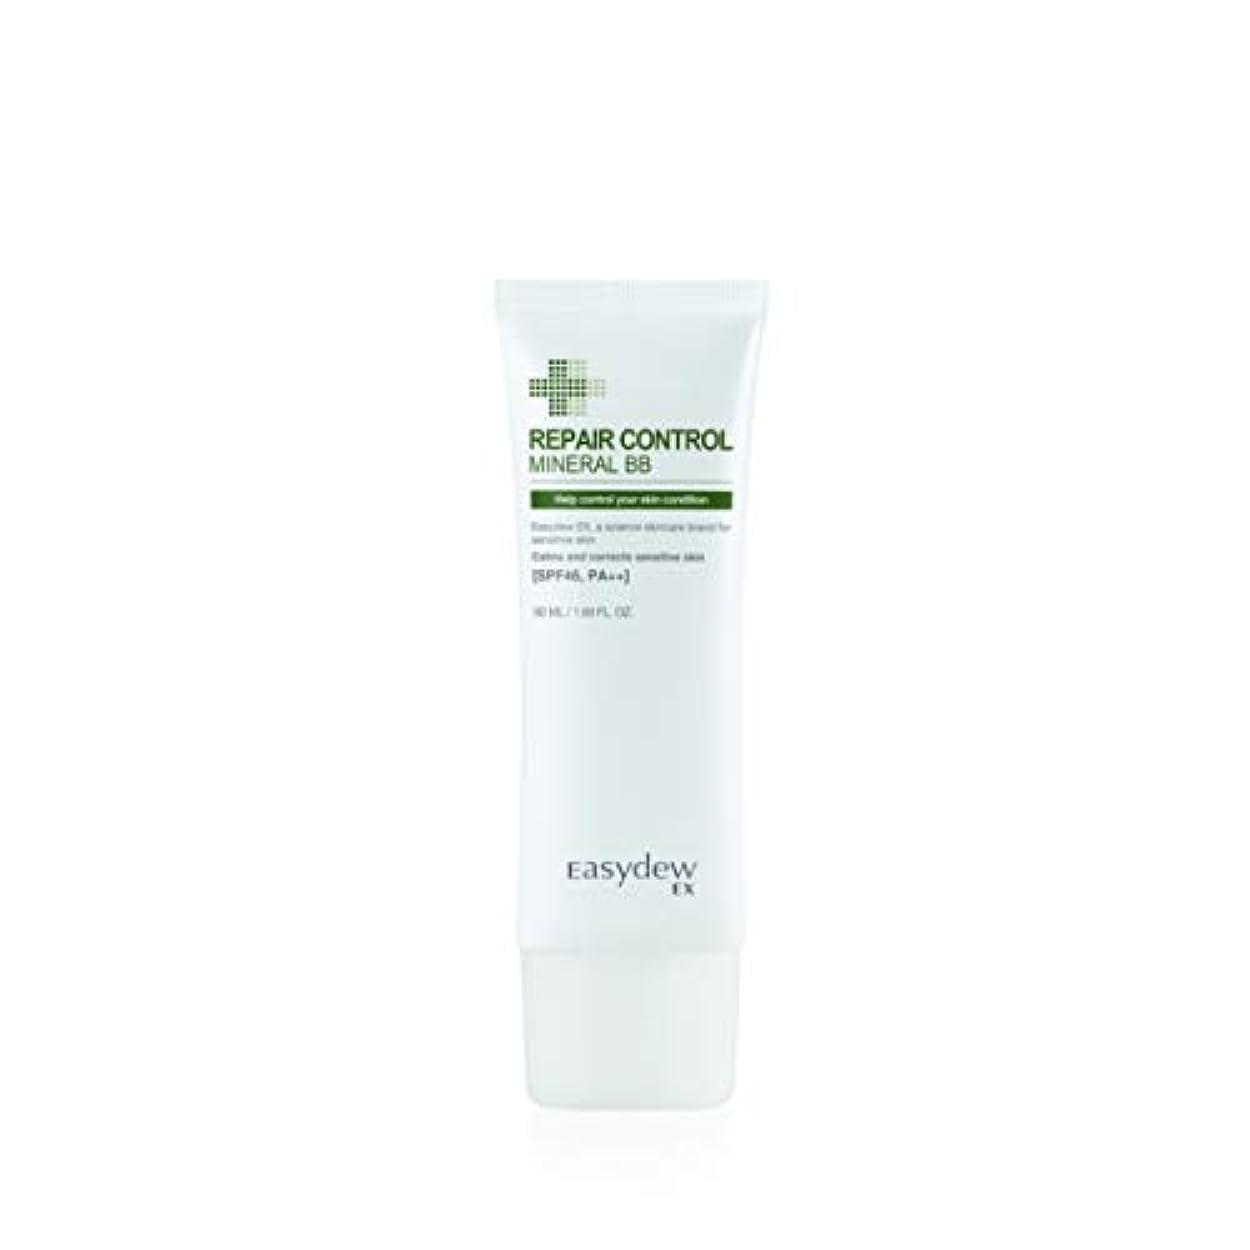 ぶどうパキスタン敬意を表してデウン製薬 リペア コントロール ミネラル BBクリーム SPF46/PA++ 50g. Repair Control Mineral B.B Cream SPF46/PA++ 50g.